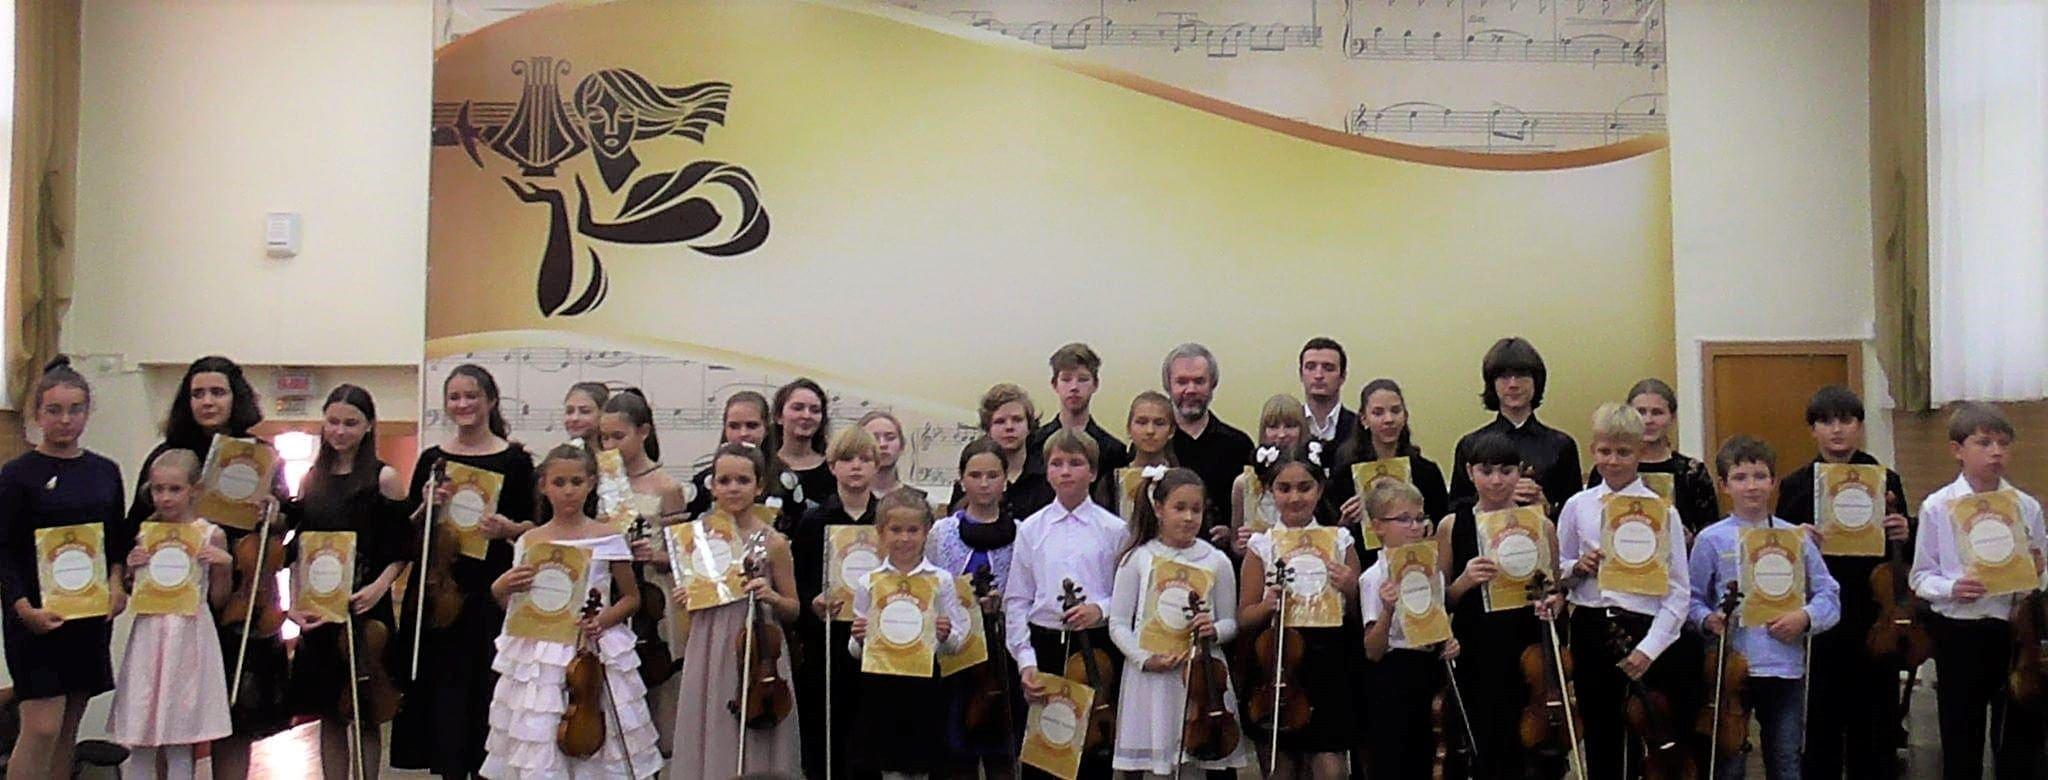 В Саратове завершился Фестиваль молодых скрипачей имени Елизаветы Давидовны Штейнфельд